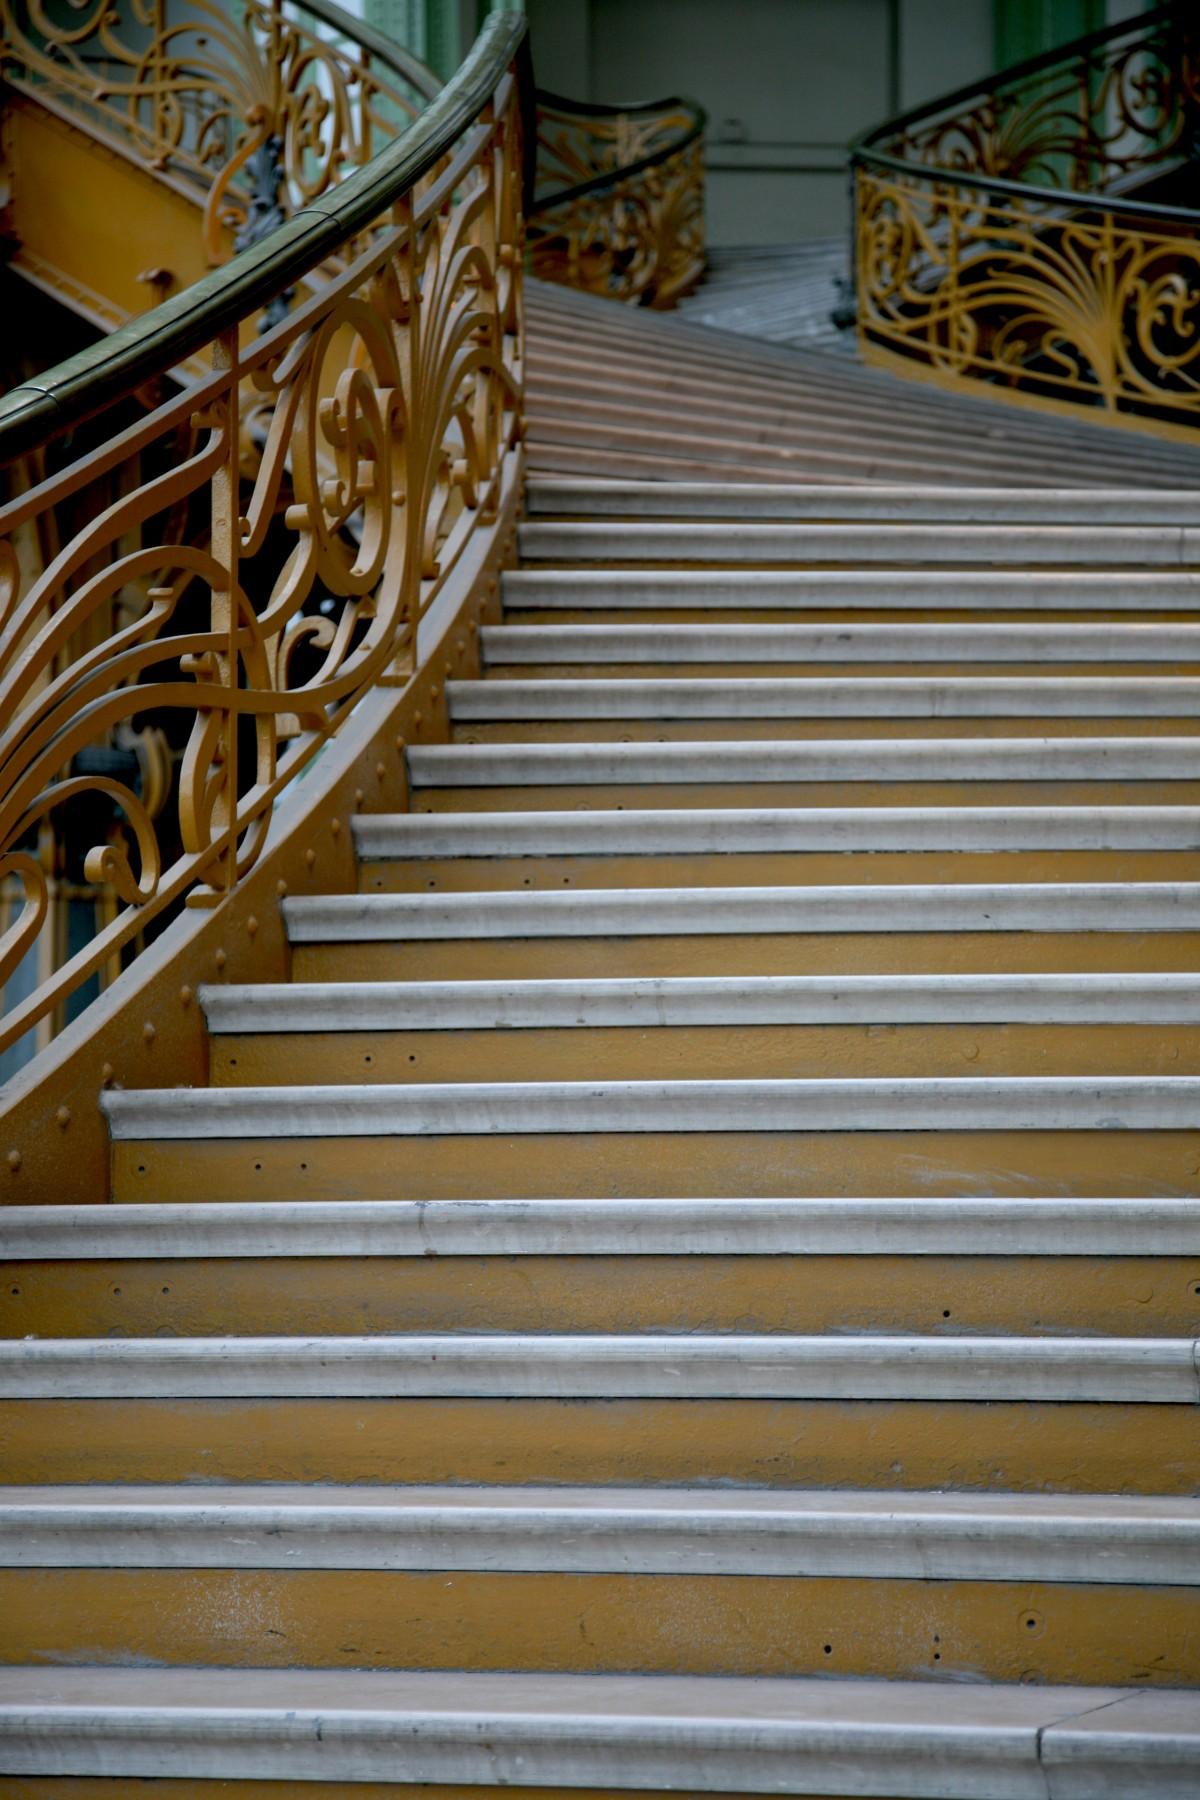 무료 이미지 : 구조, 바닥, 벽, 타일, 가구, 인테리어 디자인, 계단 ...